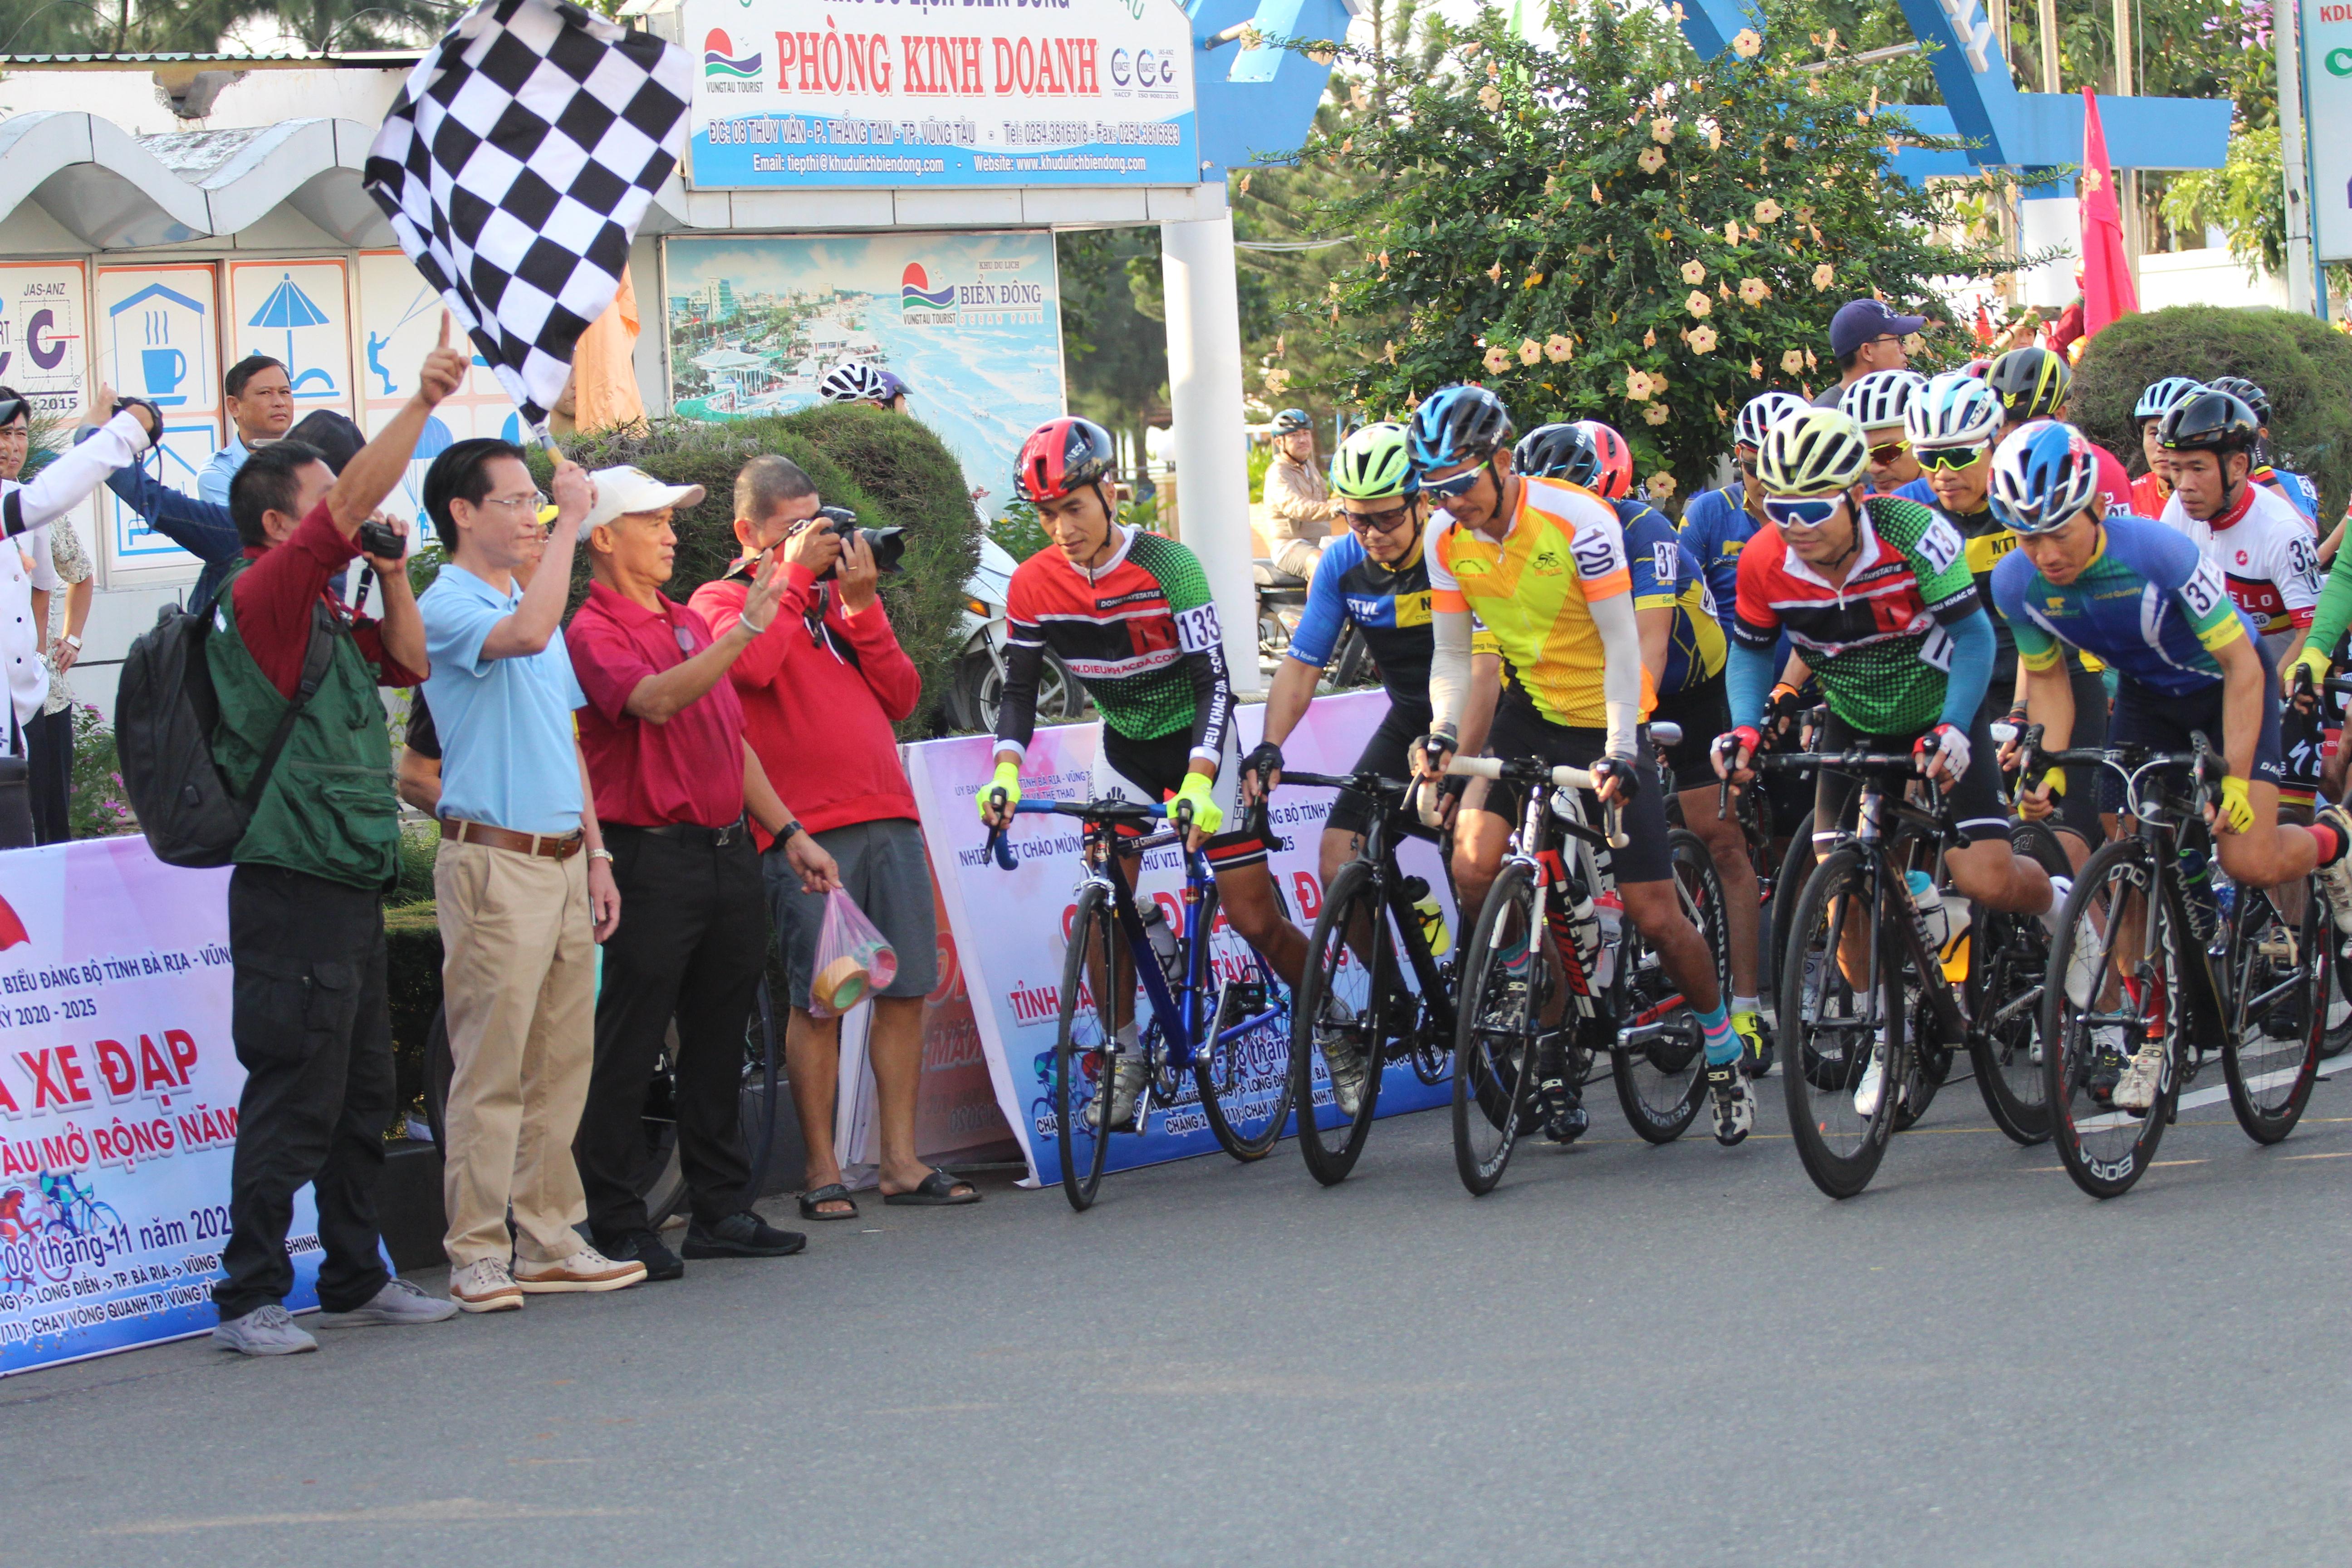 Hình ảnh: Sôi động giải đua xe đạp tỉnh Bà Rịa - Vũng Tàu mở rộng 2020 số 1